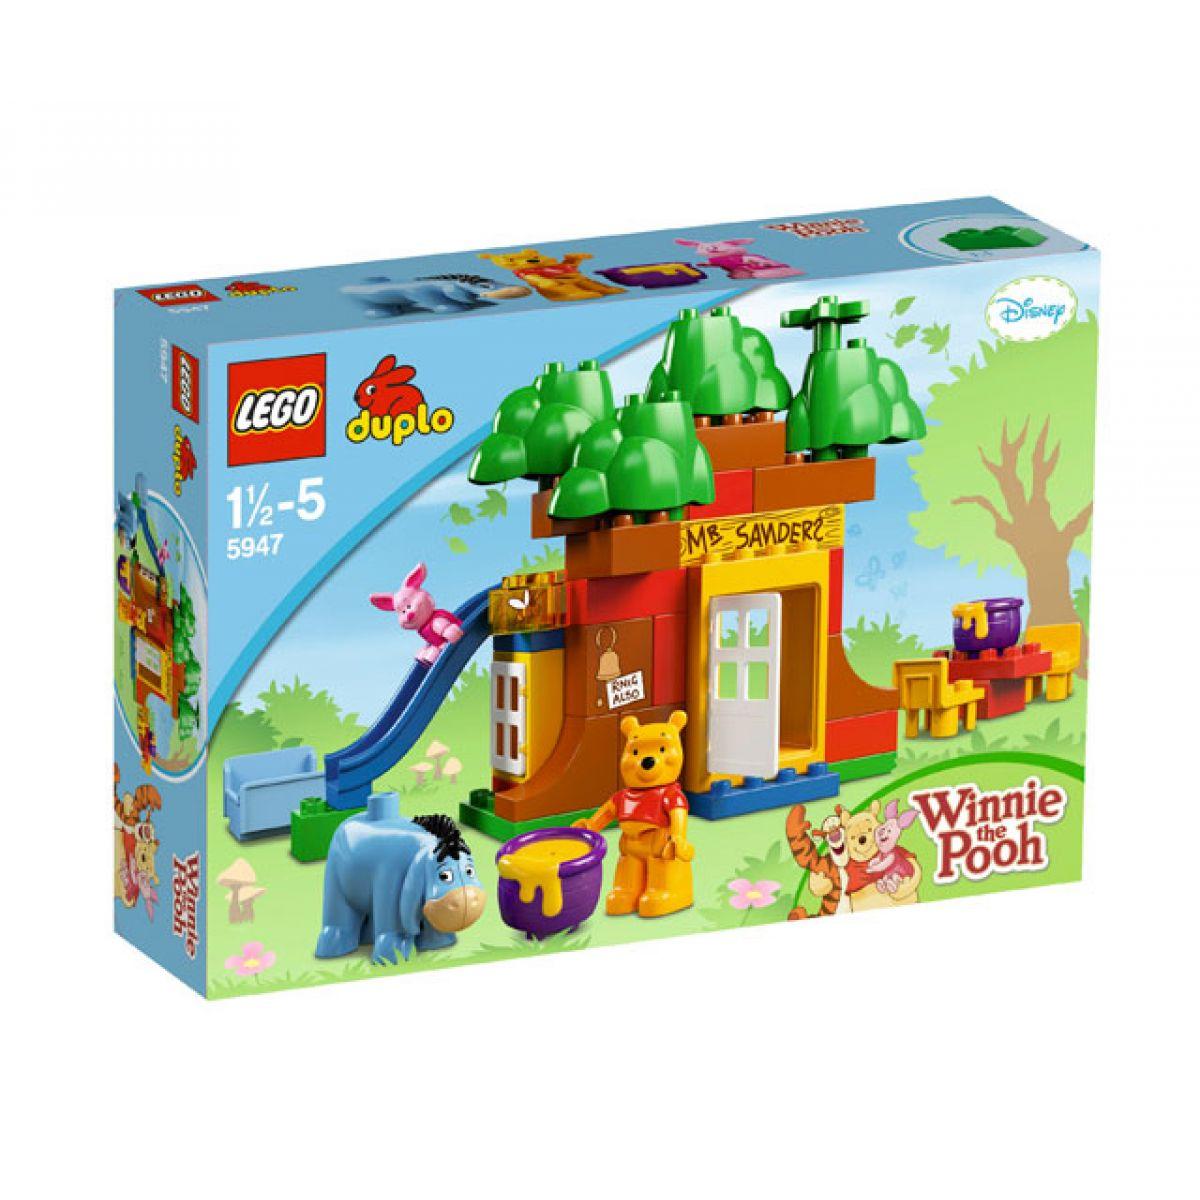 LEGO DUPLO 5947 Medvídek Pú Domeček